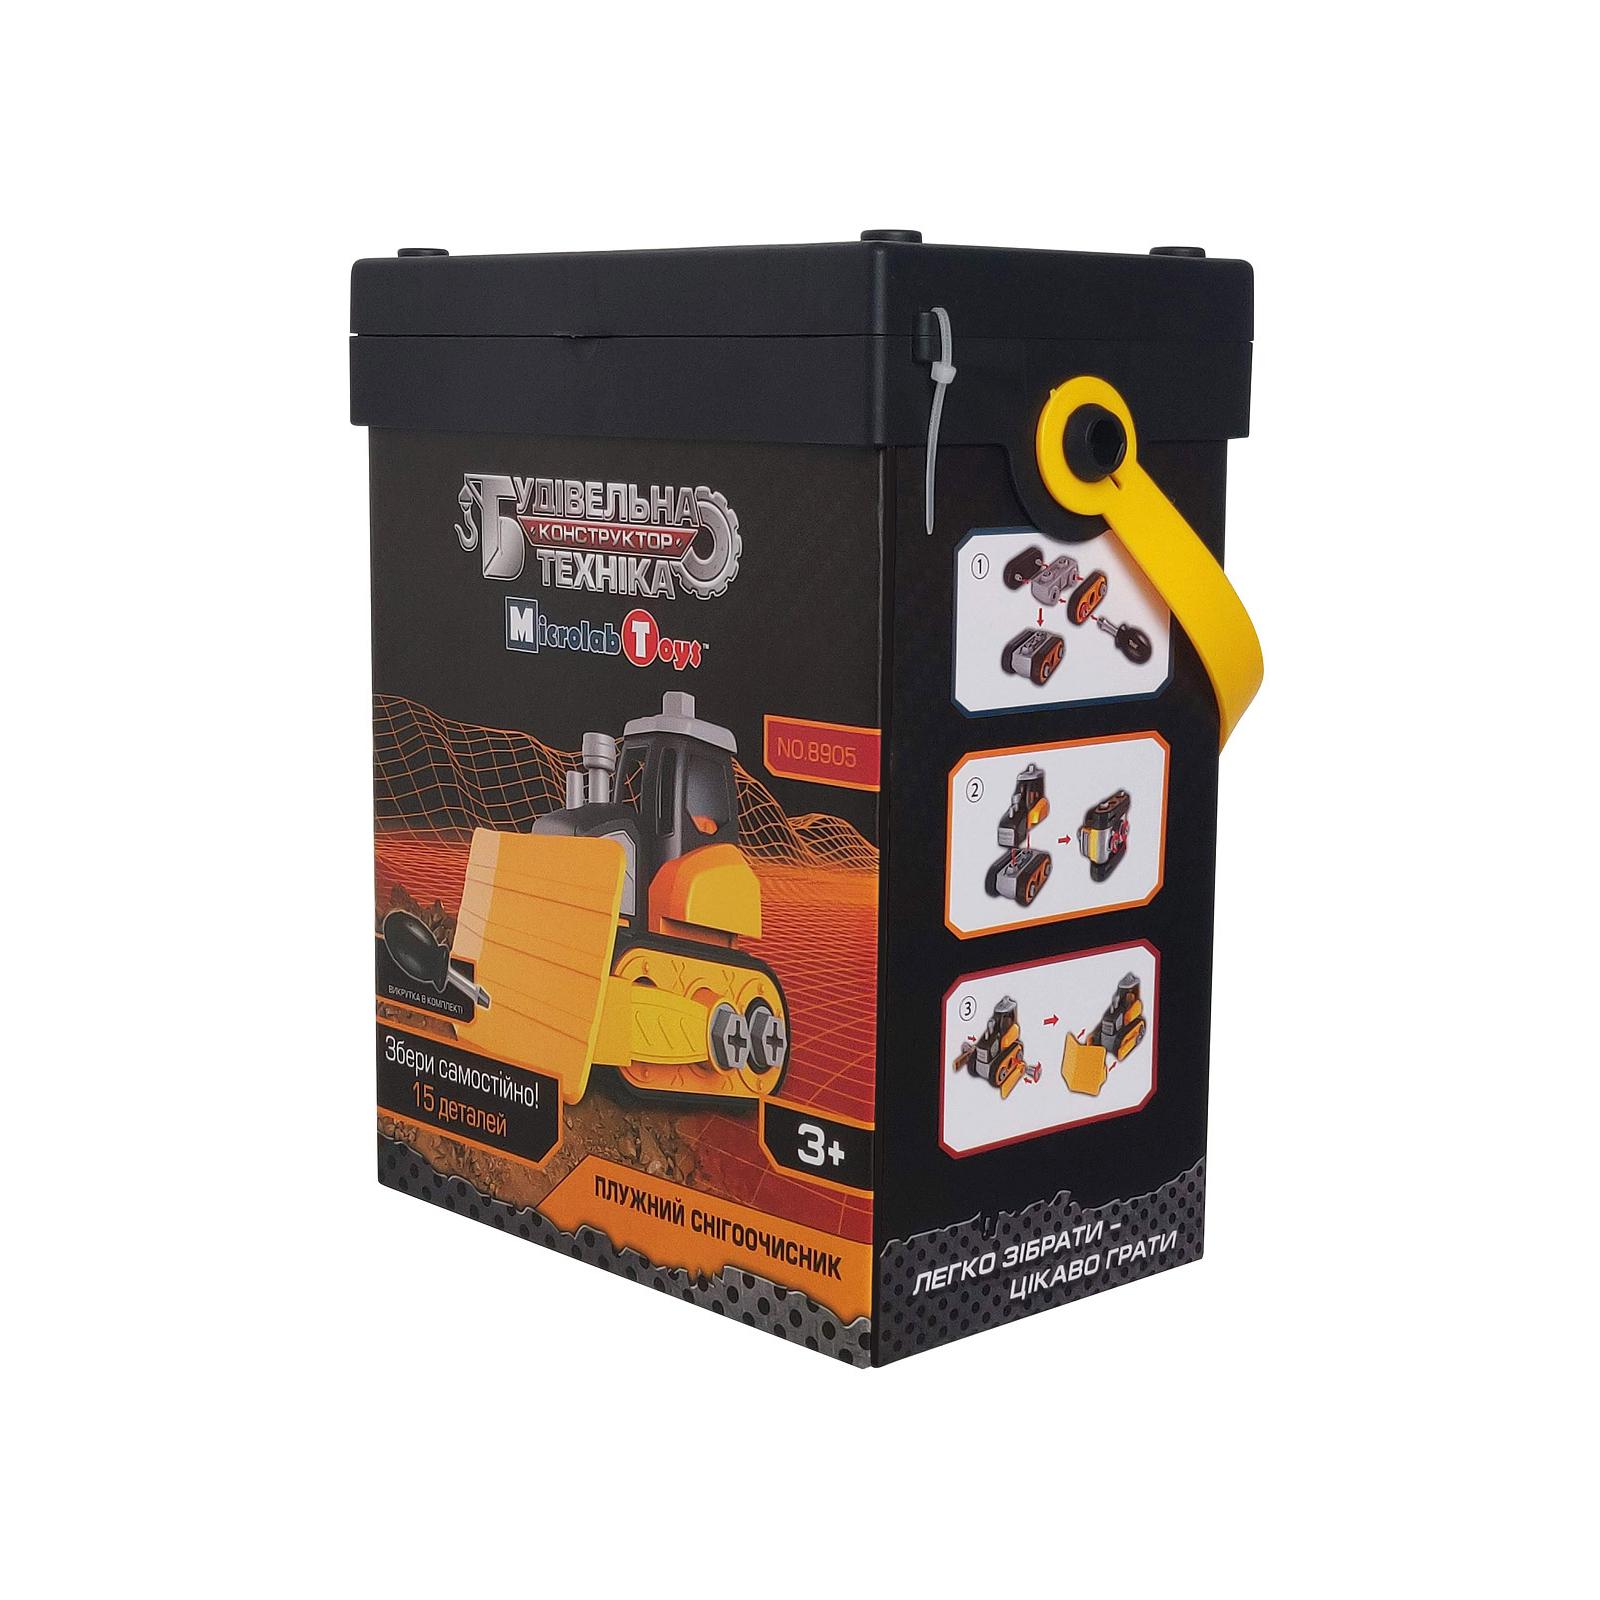 Конструктор Microlab Toys Строительная техника - снегоочиститель (MT8905) изображение 3